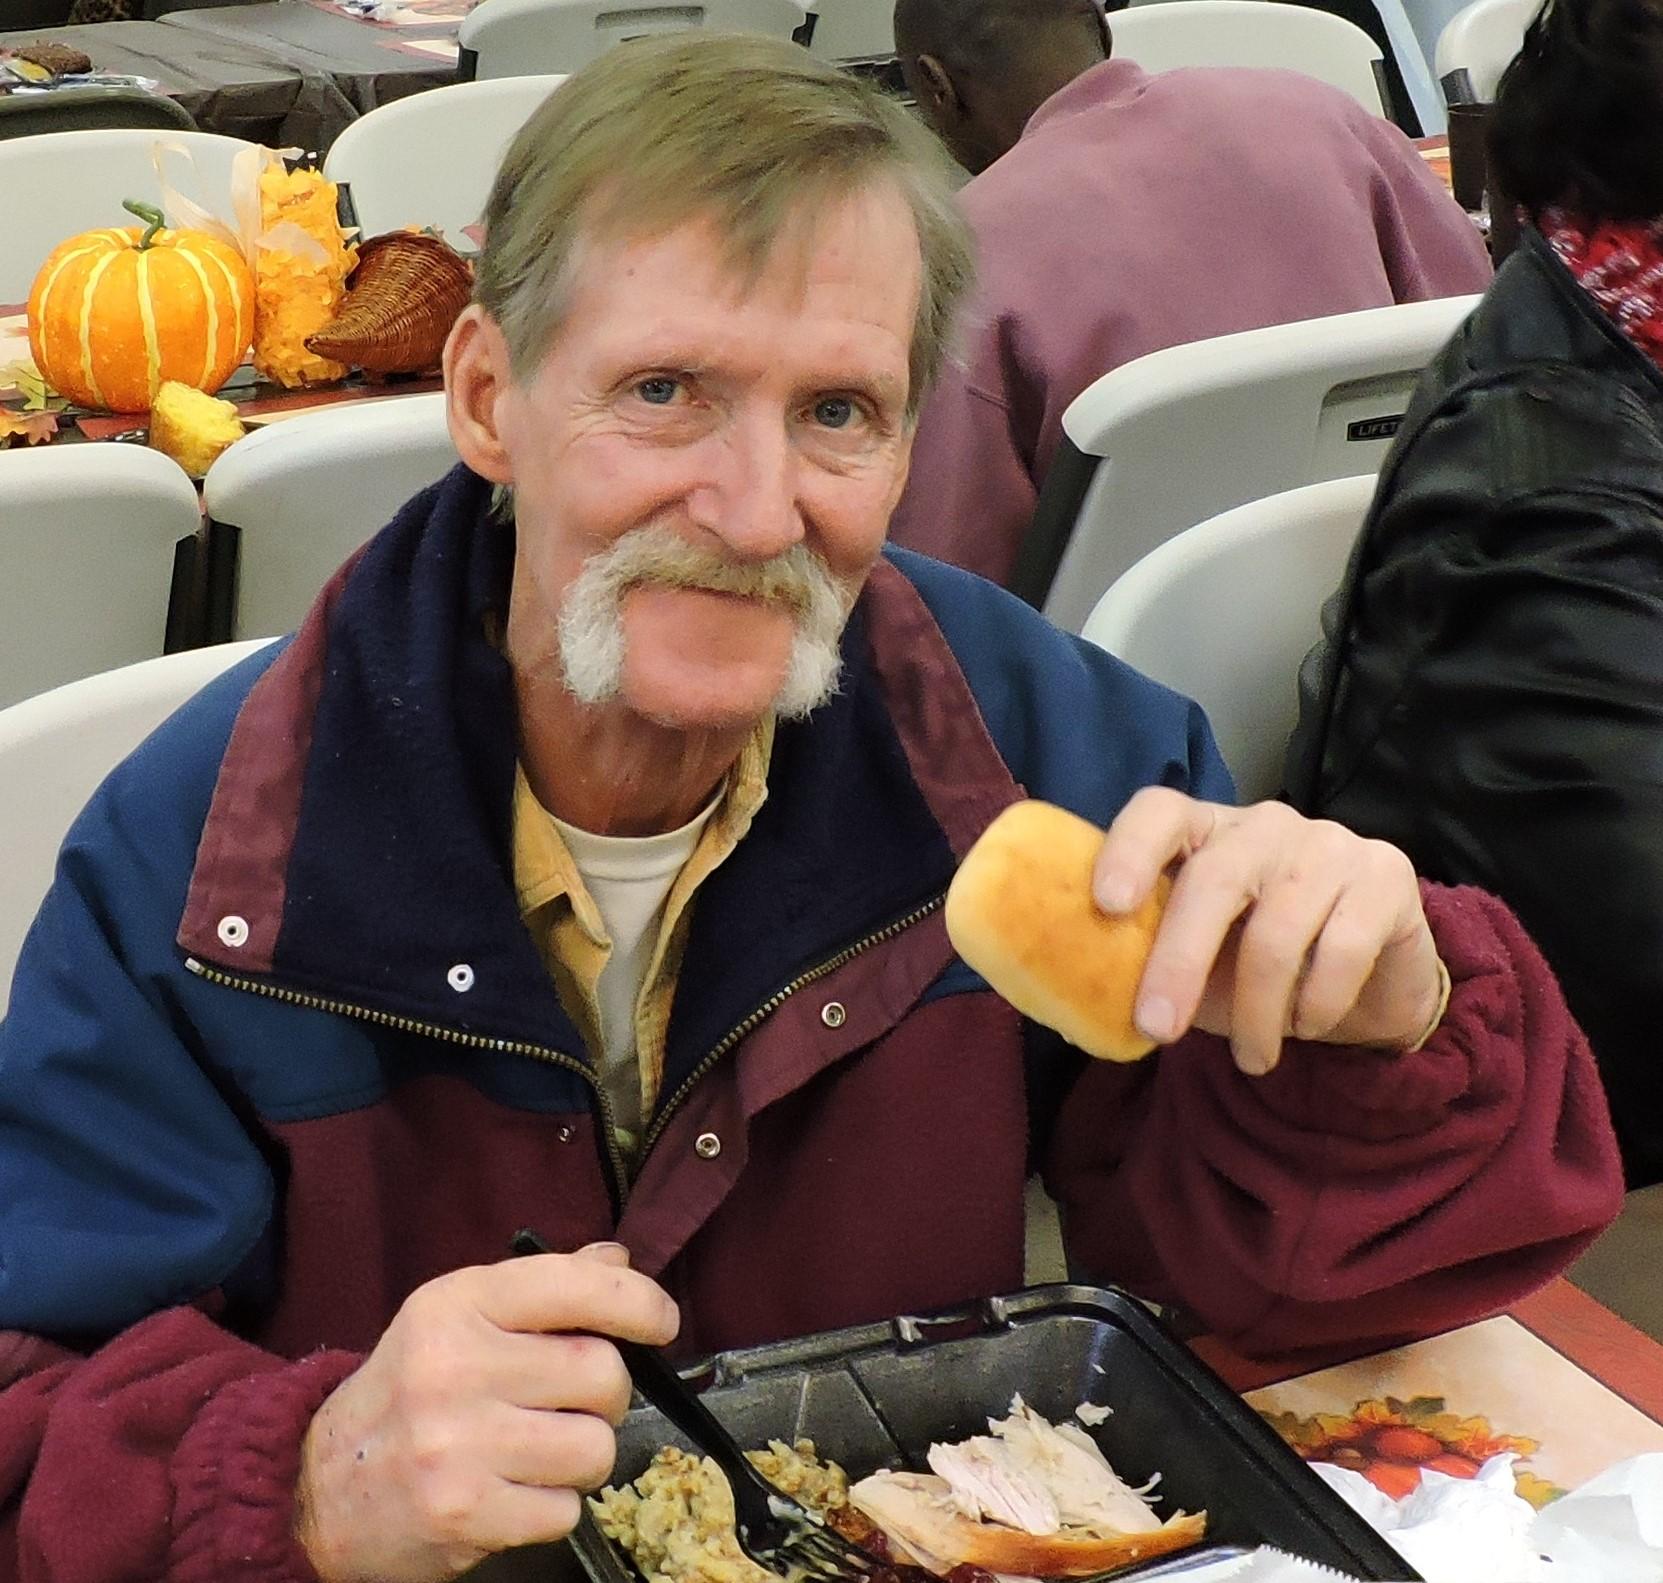 Man eating at Thansgiving.jpg